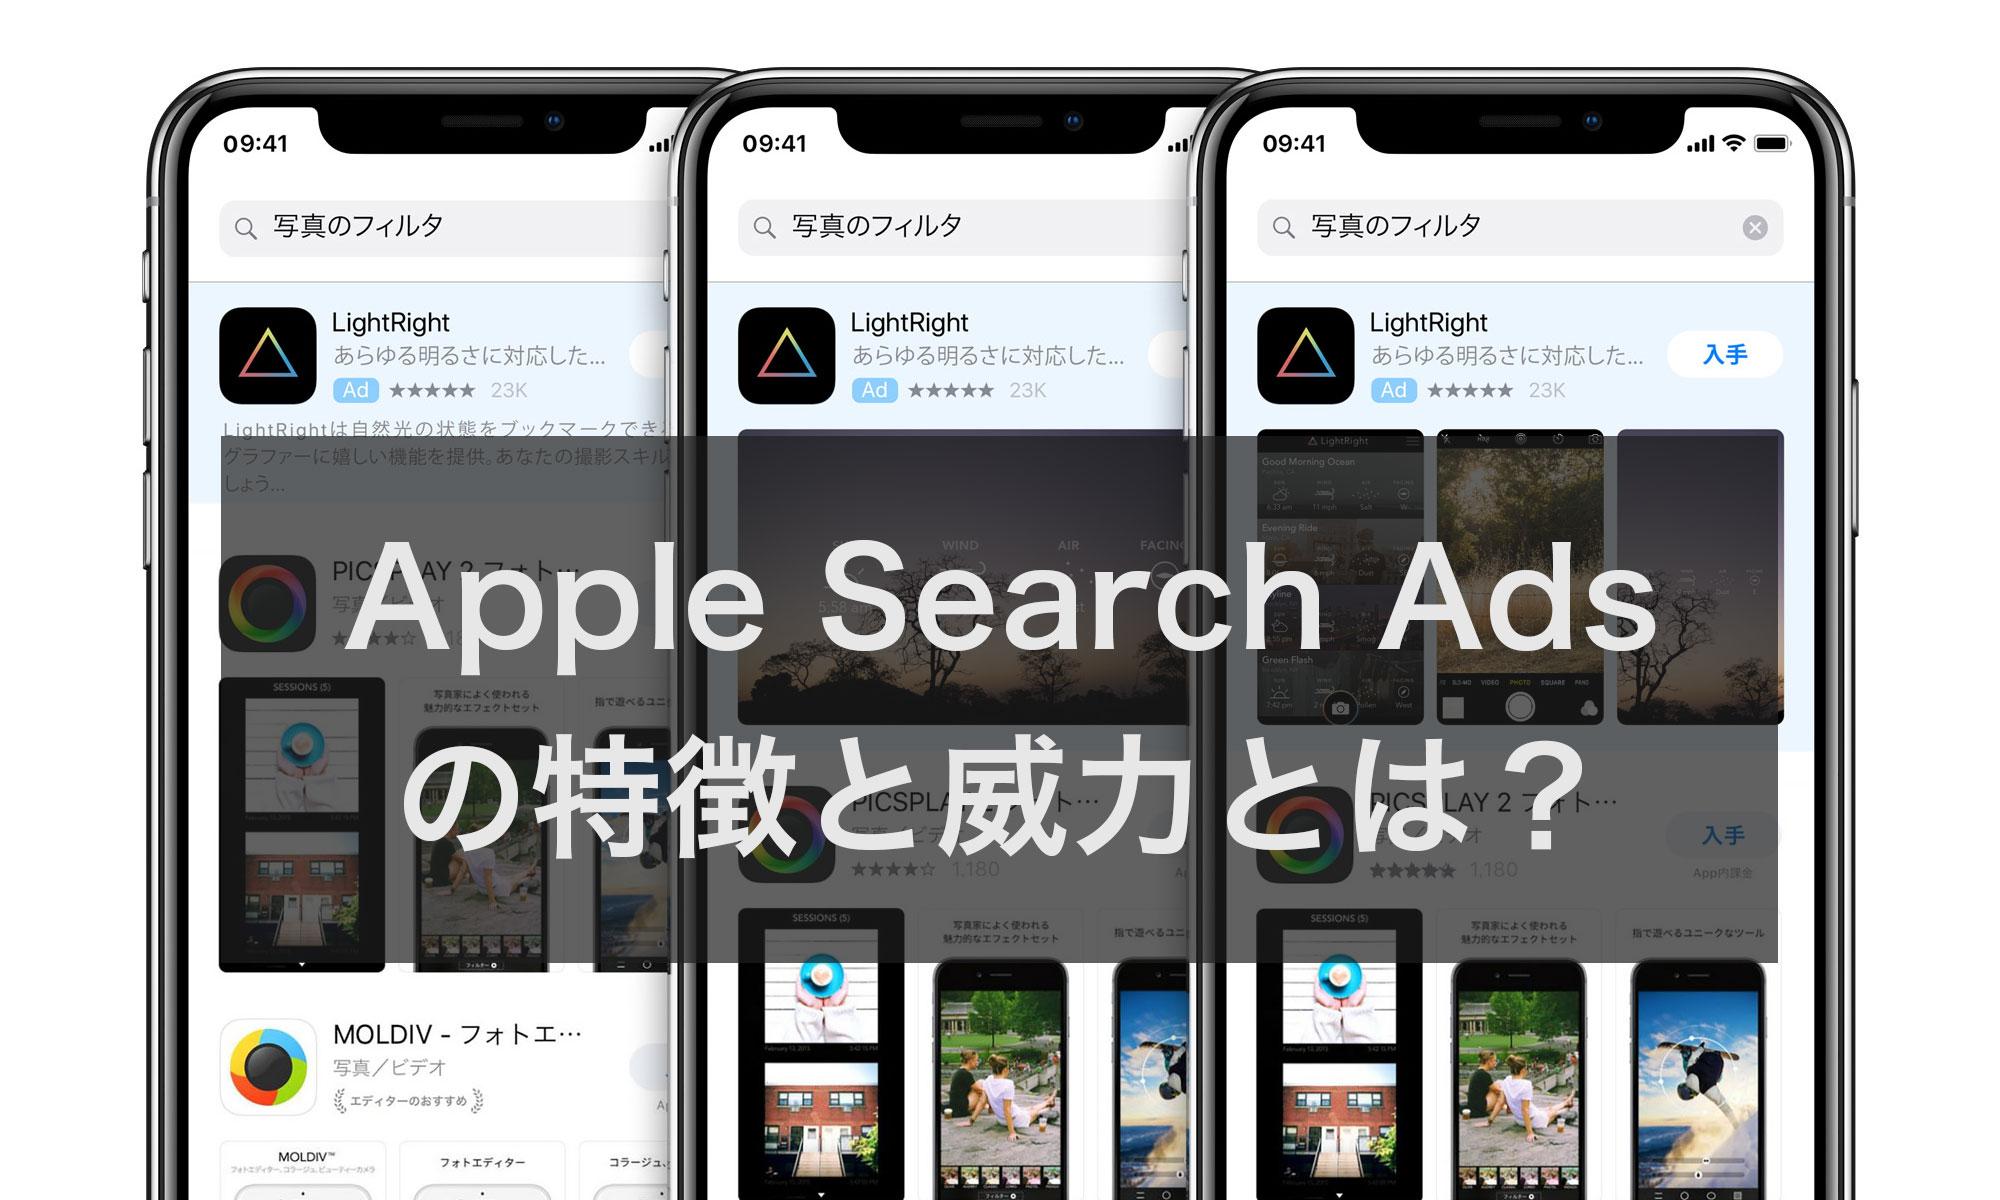 Apple Search Ads の特徴と威力とは